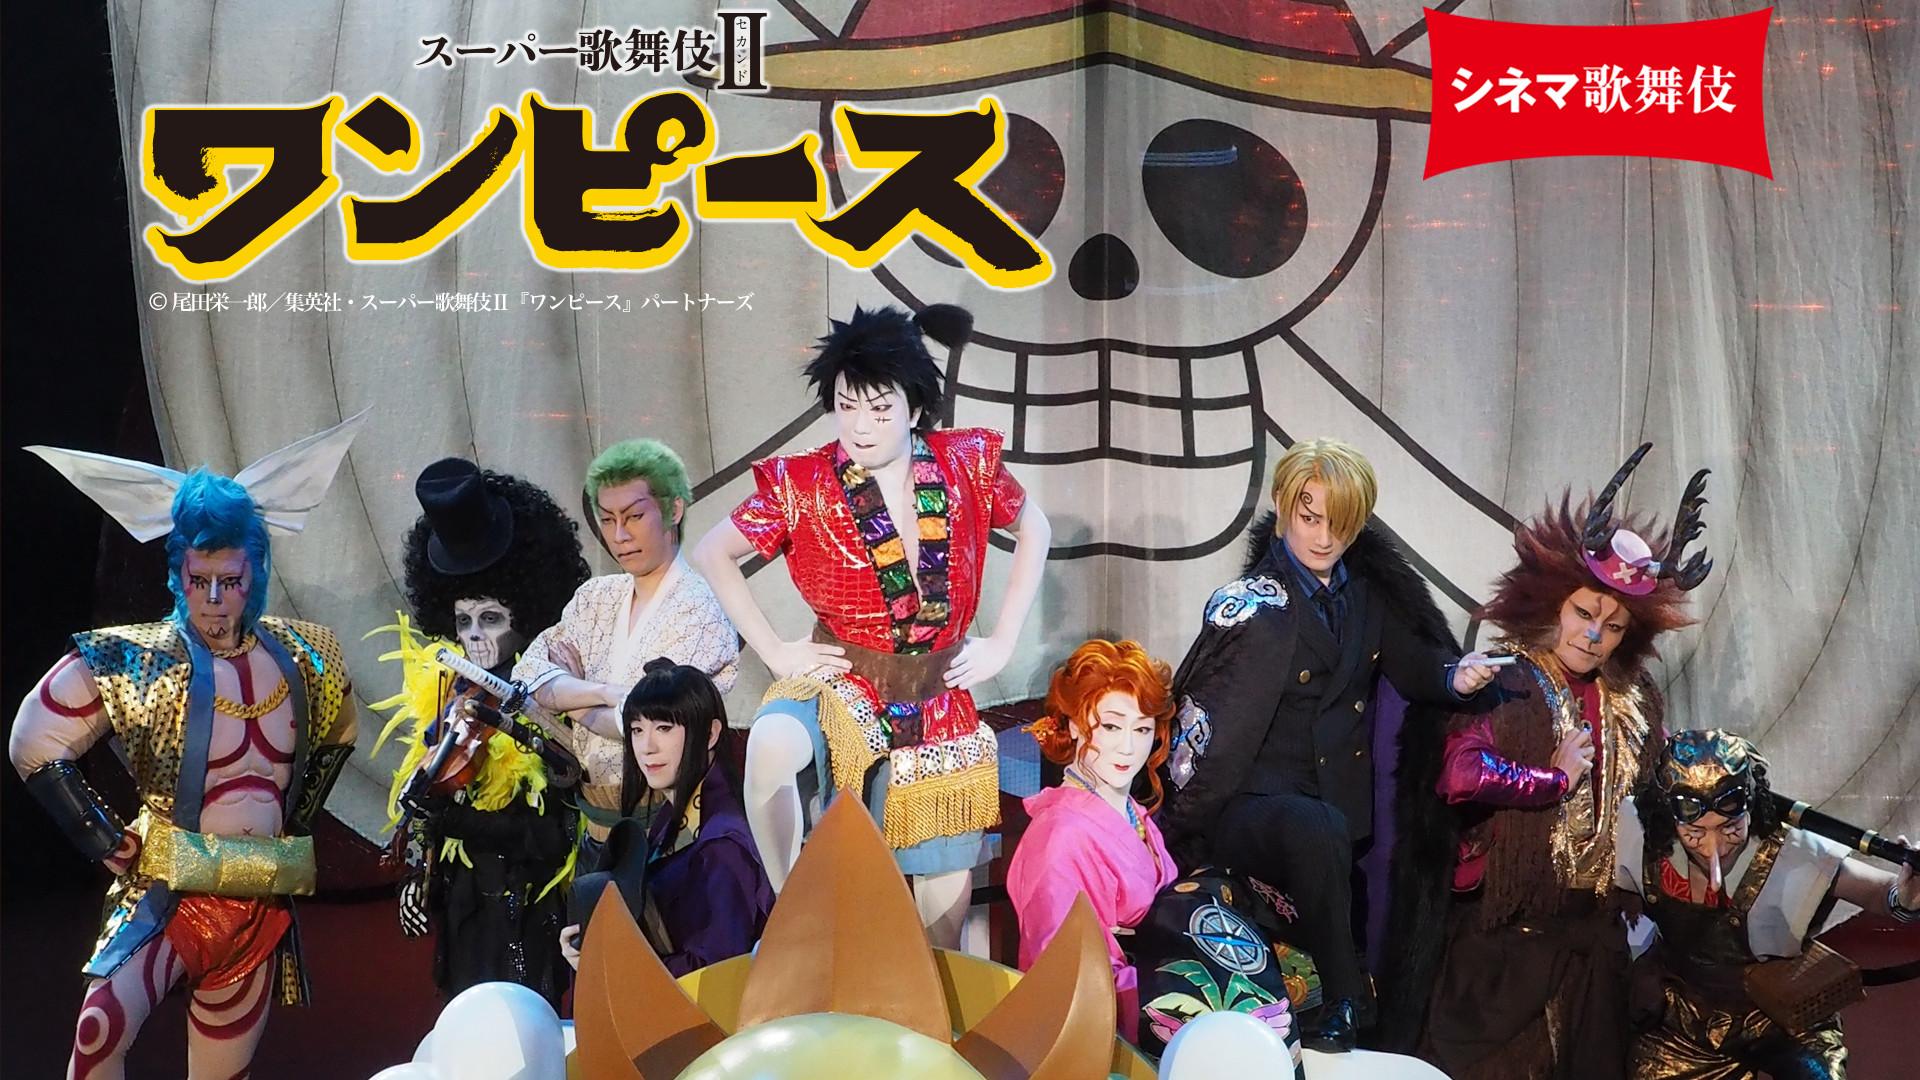 シネマ歌舞伎「スーパー歌舞伎Ⅱ ワンピース」